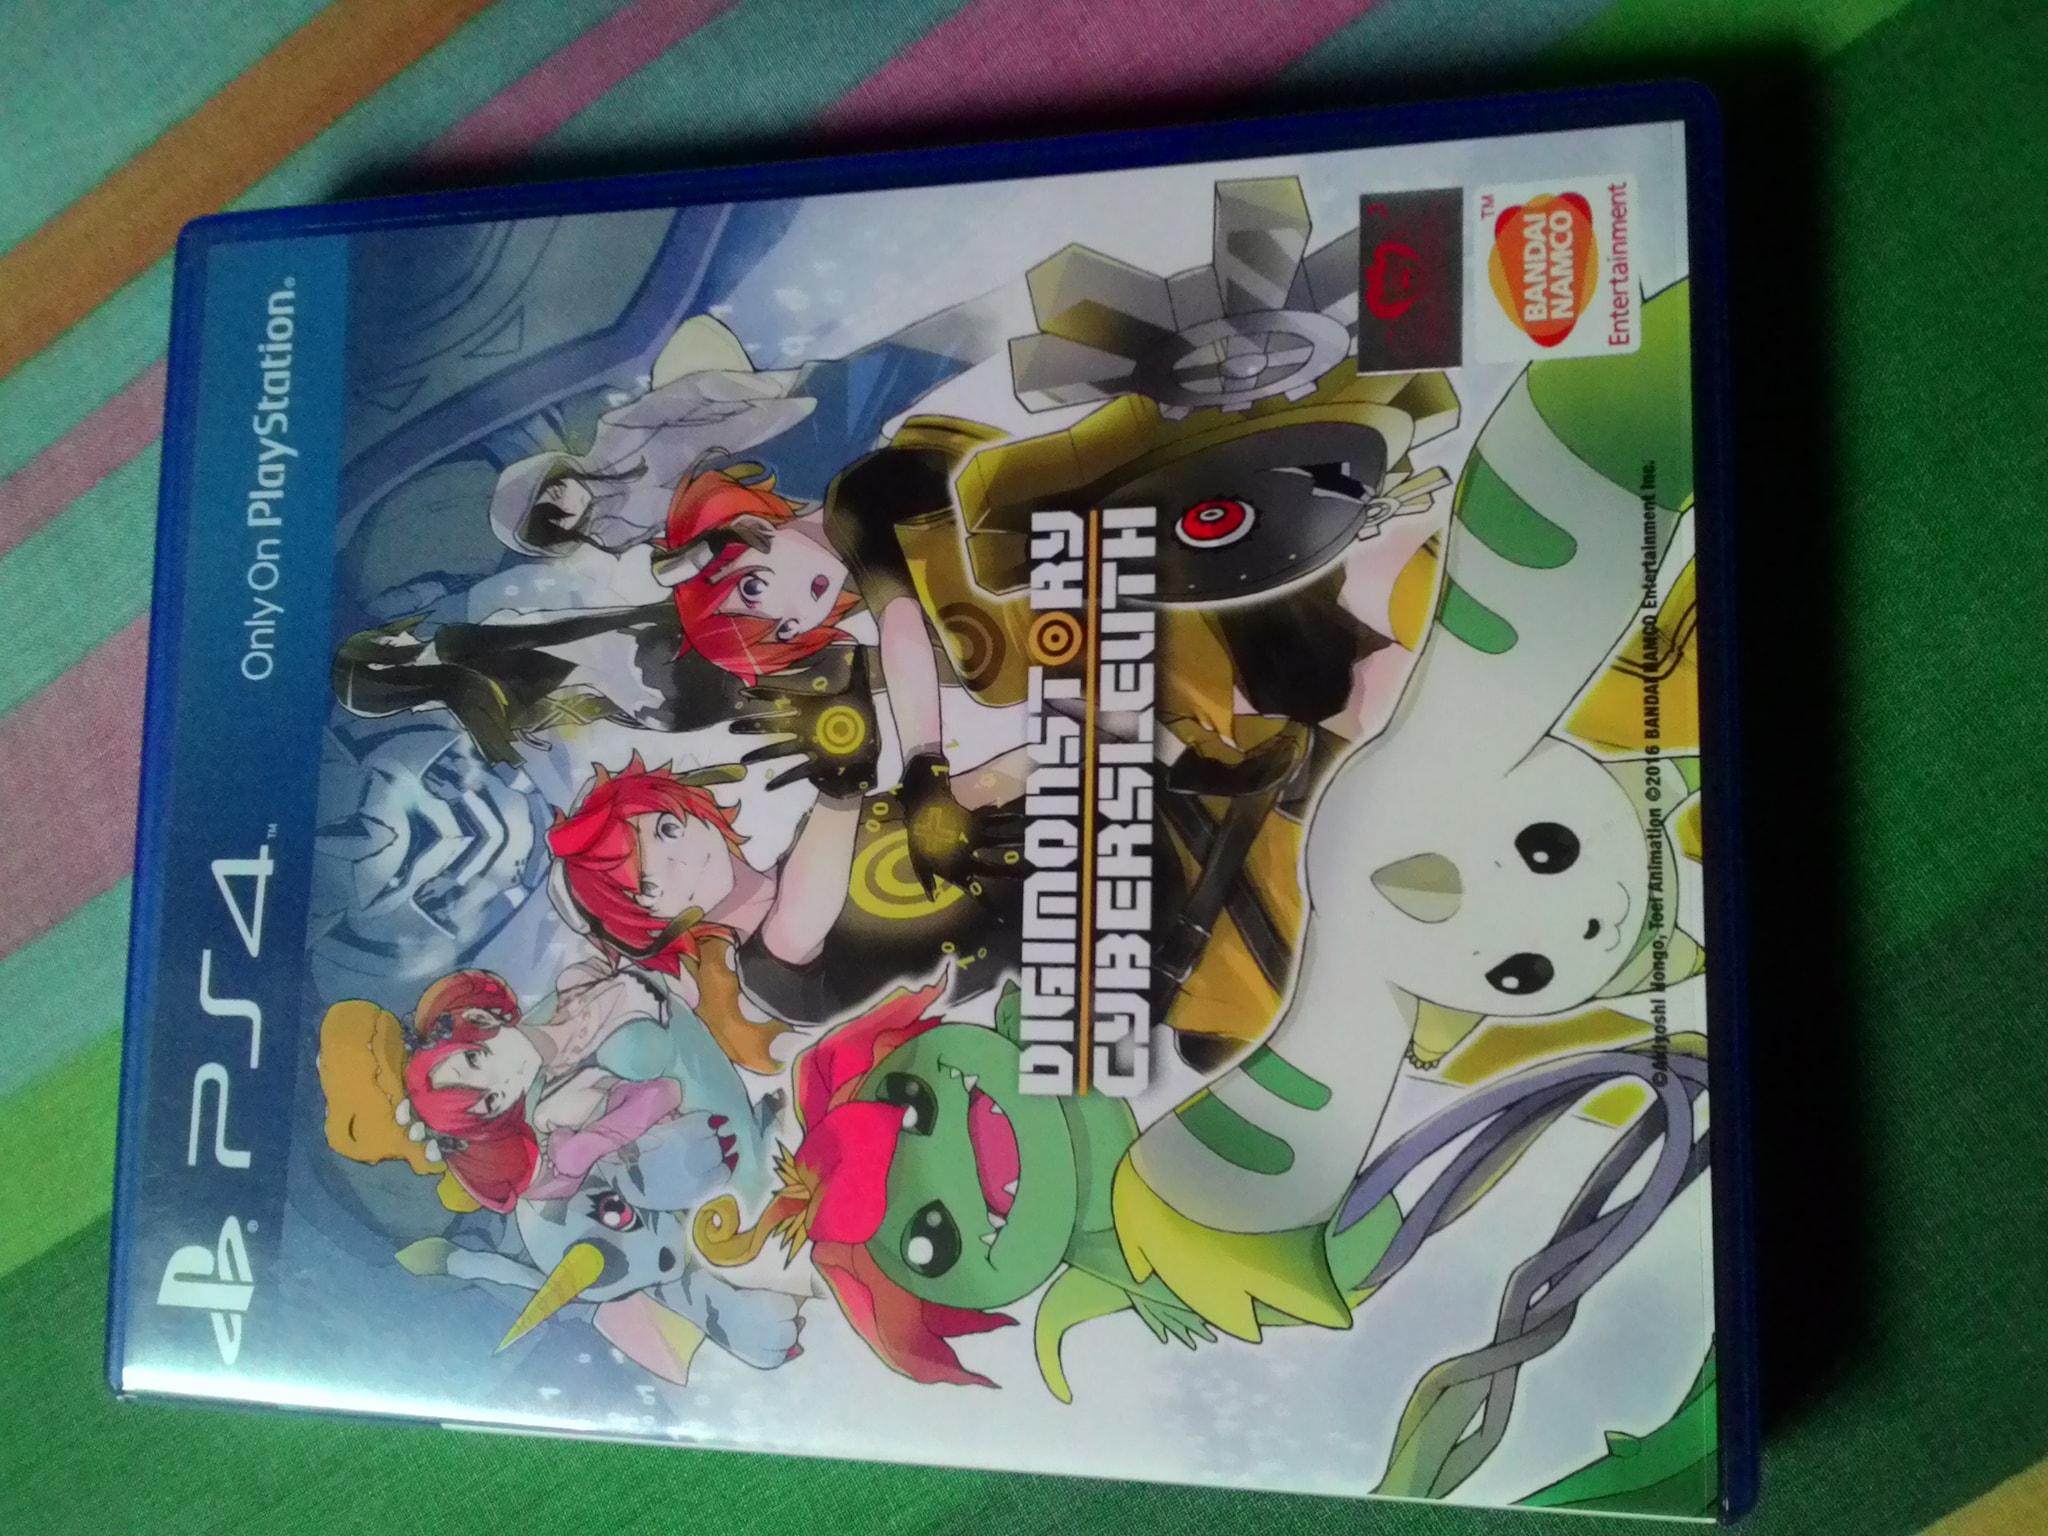 Kaset BD PS4 Digimonstory SECOND.